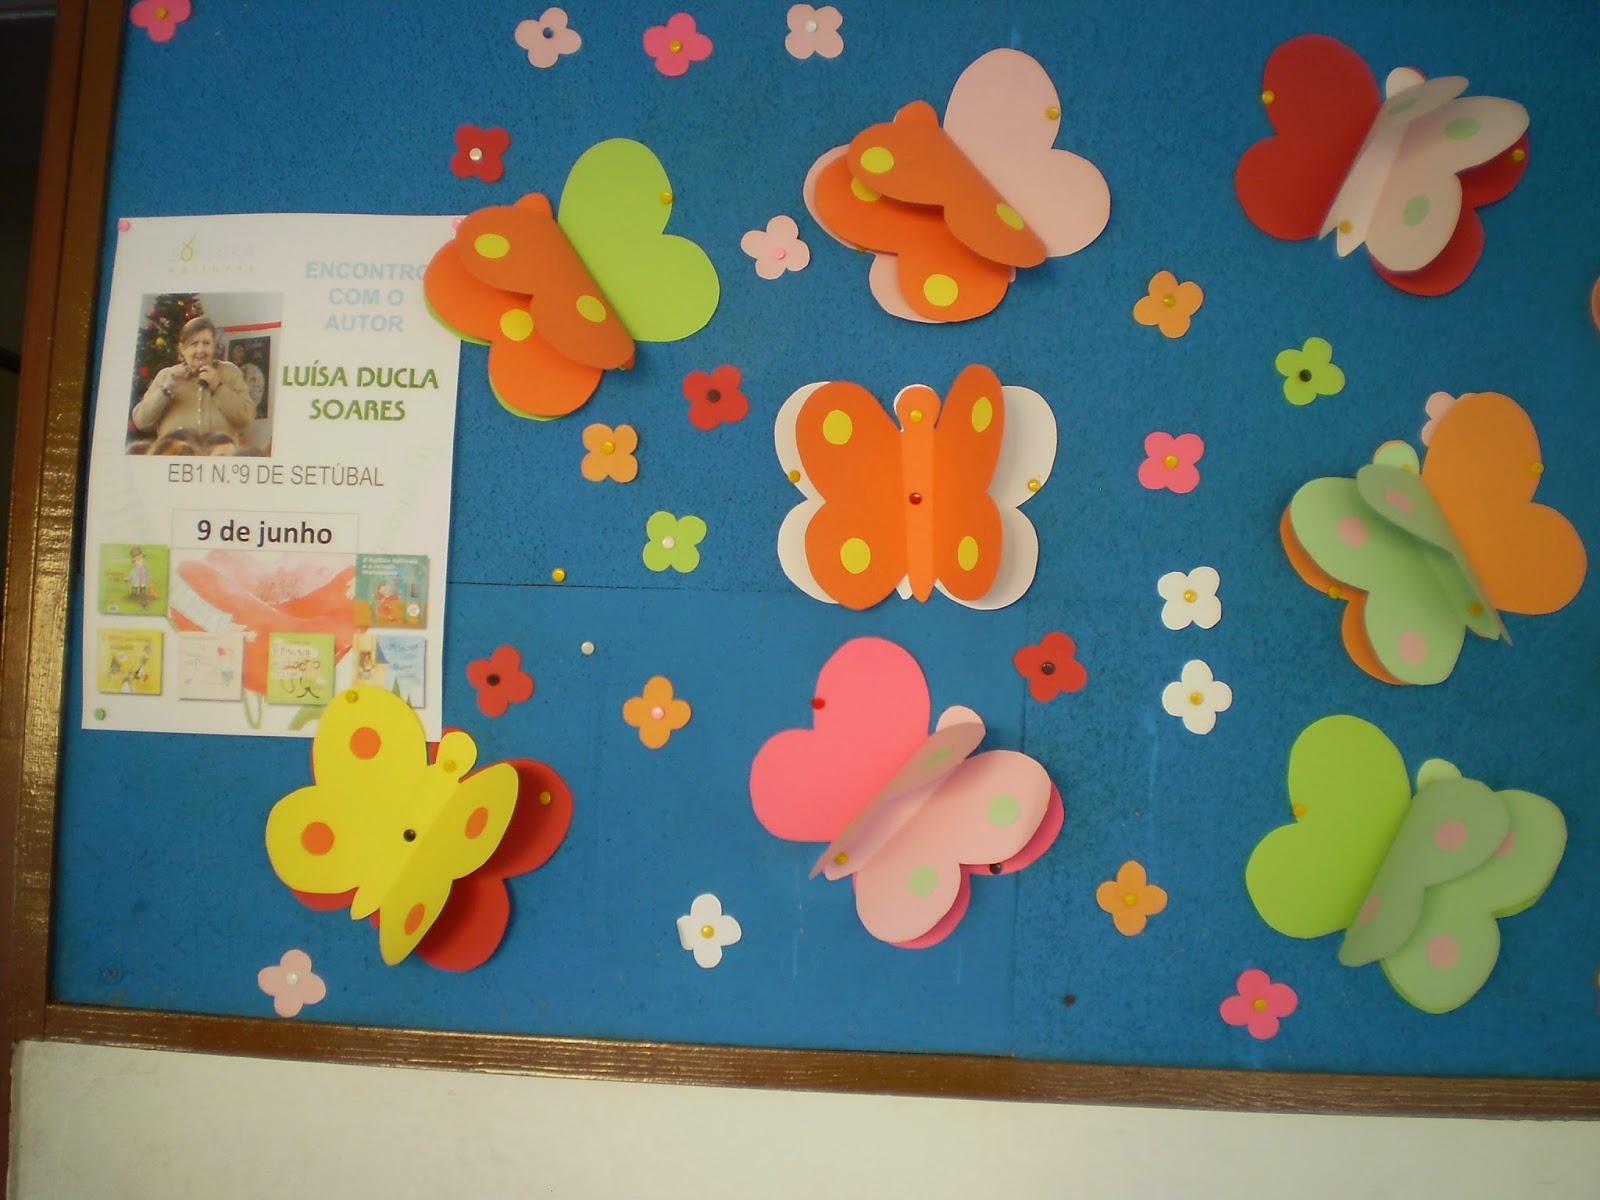 Decora O Primavera Ideias E Sugest Es Para Sala De Aula S Escola -> Decoracao Sala De Aula Ensino Fundamental